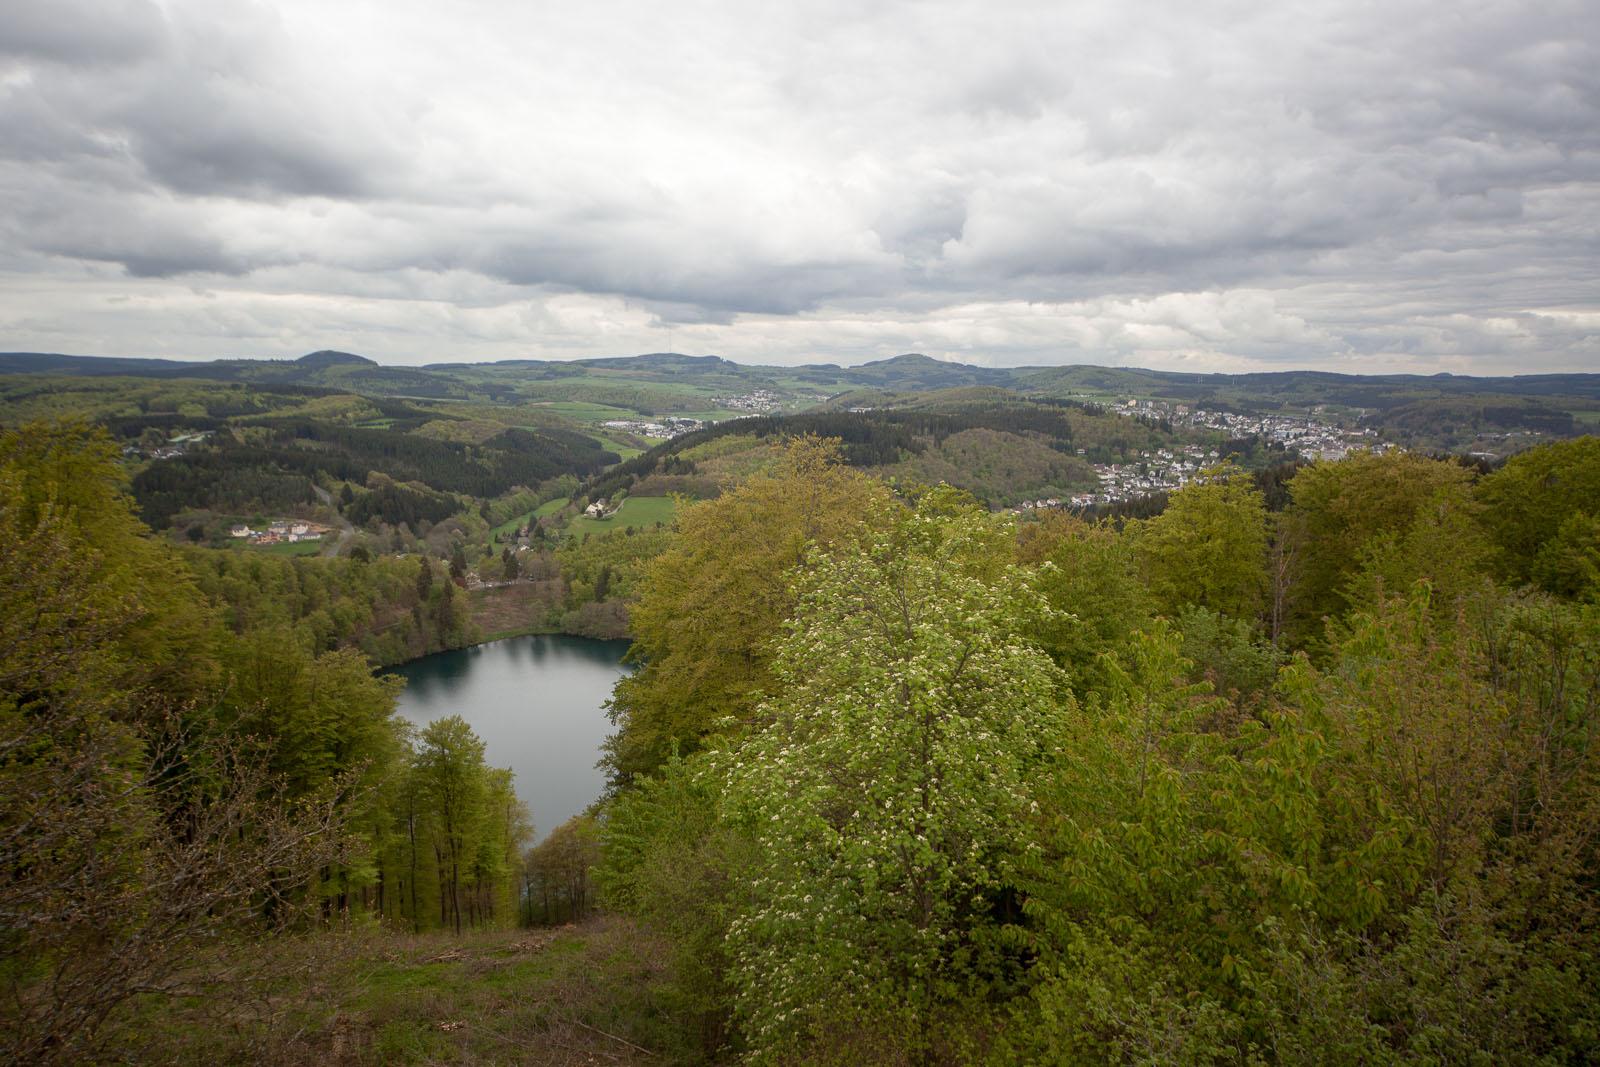 2014-04-28_12-03-04_Höhlentour__MG_2075-1600